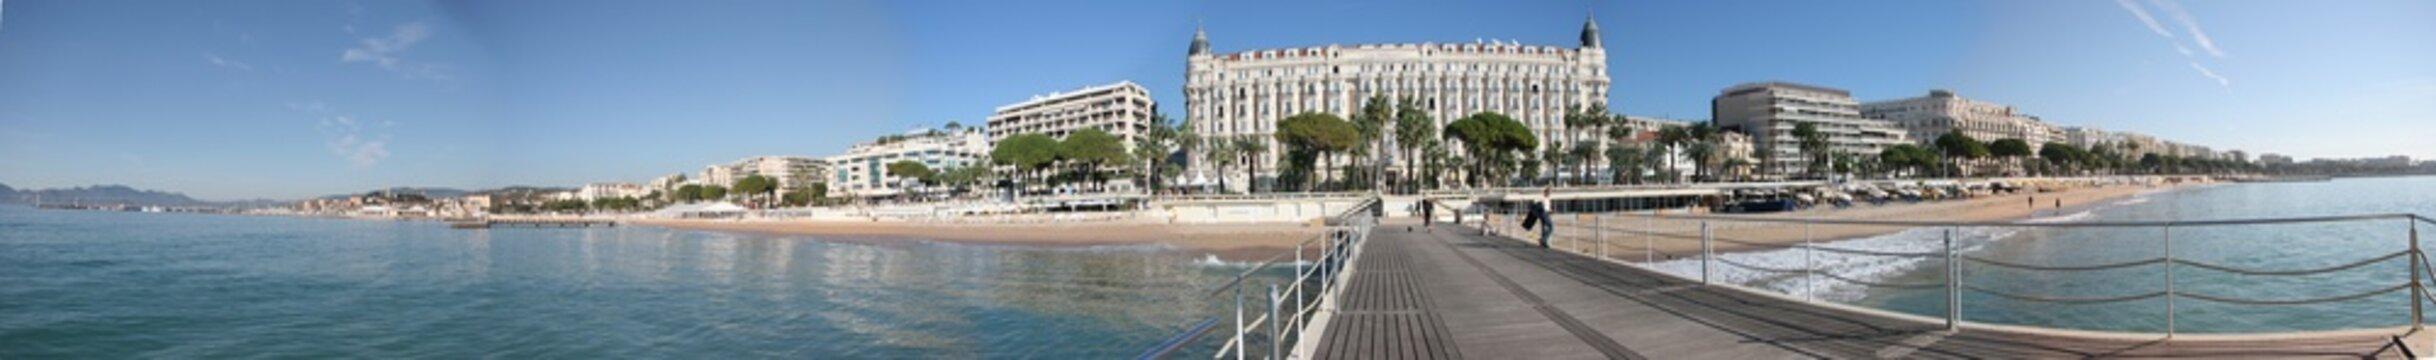 Panoramique La Croisette Cannes